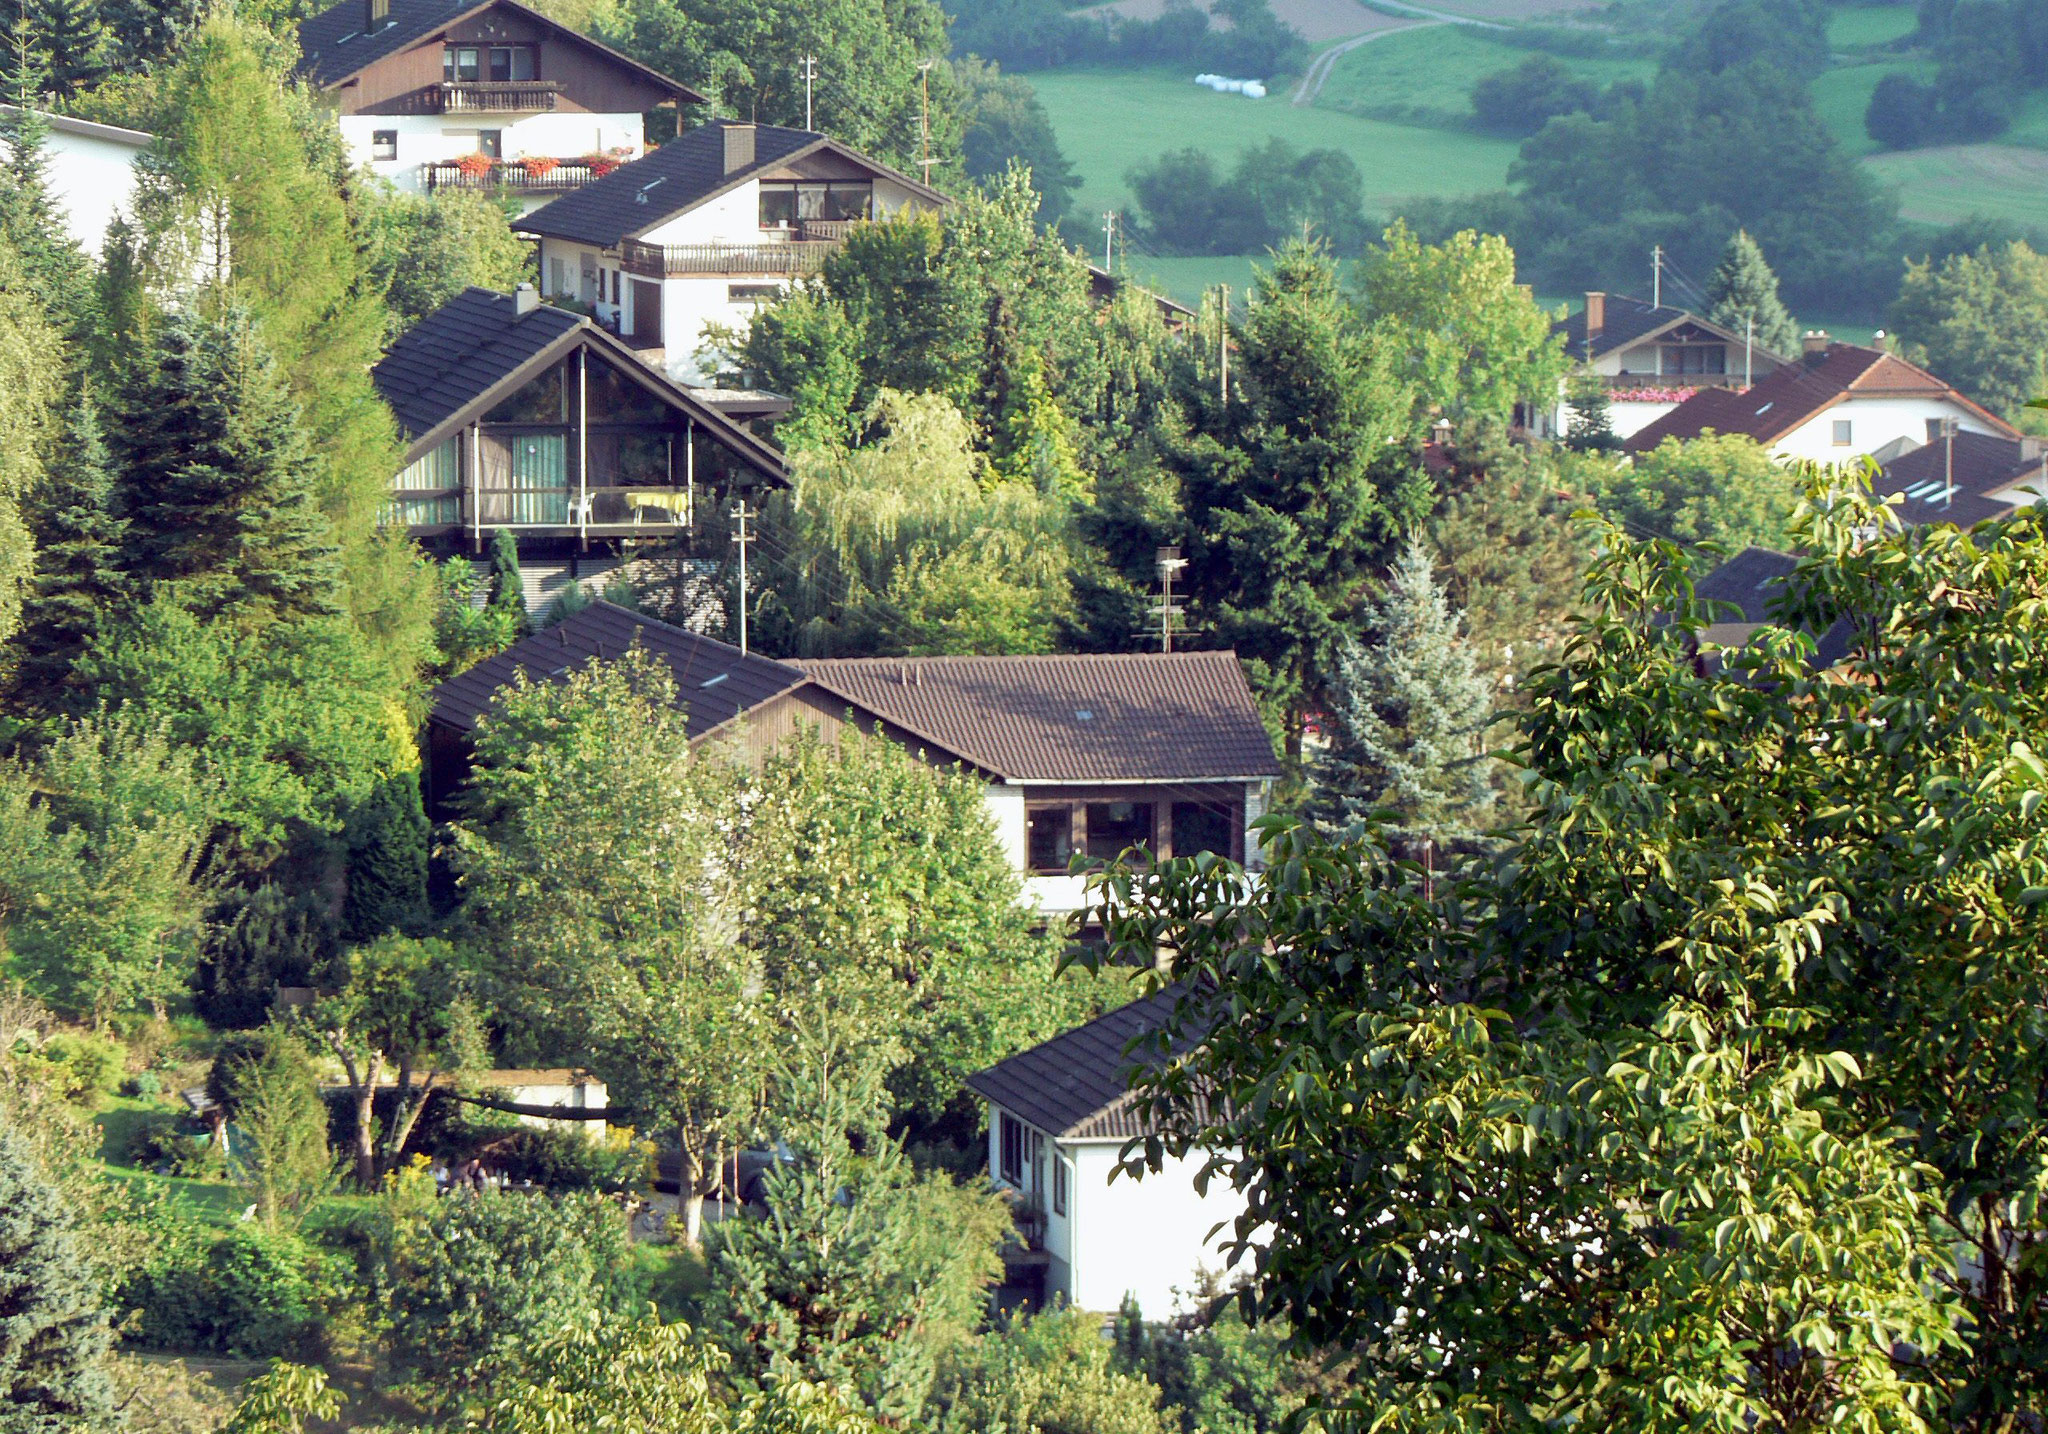 Blick von Hornbacher Steige auf Haus